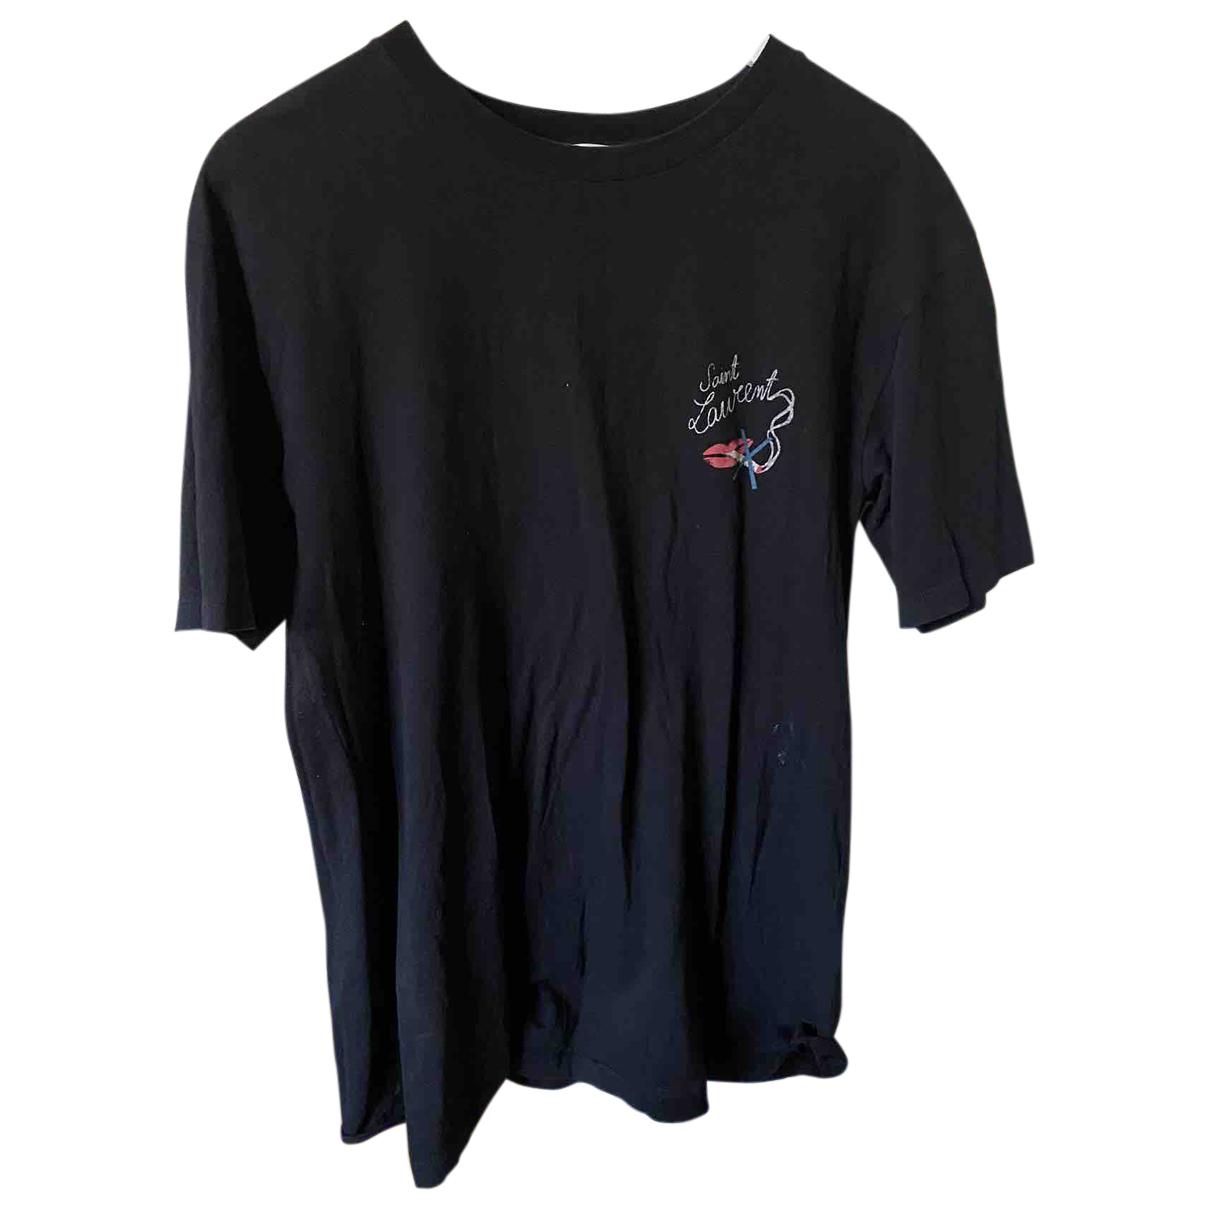 Saint Laurent - Tee shirts   pour homme en coton - noir